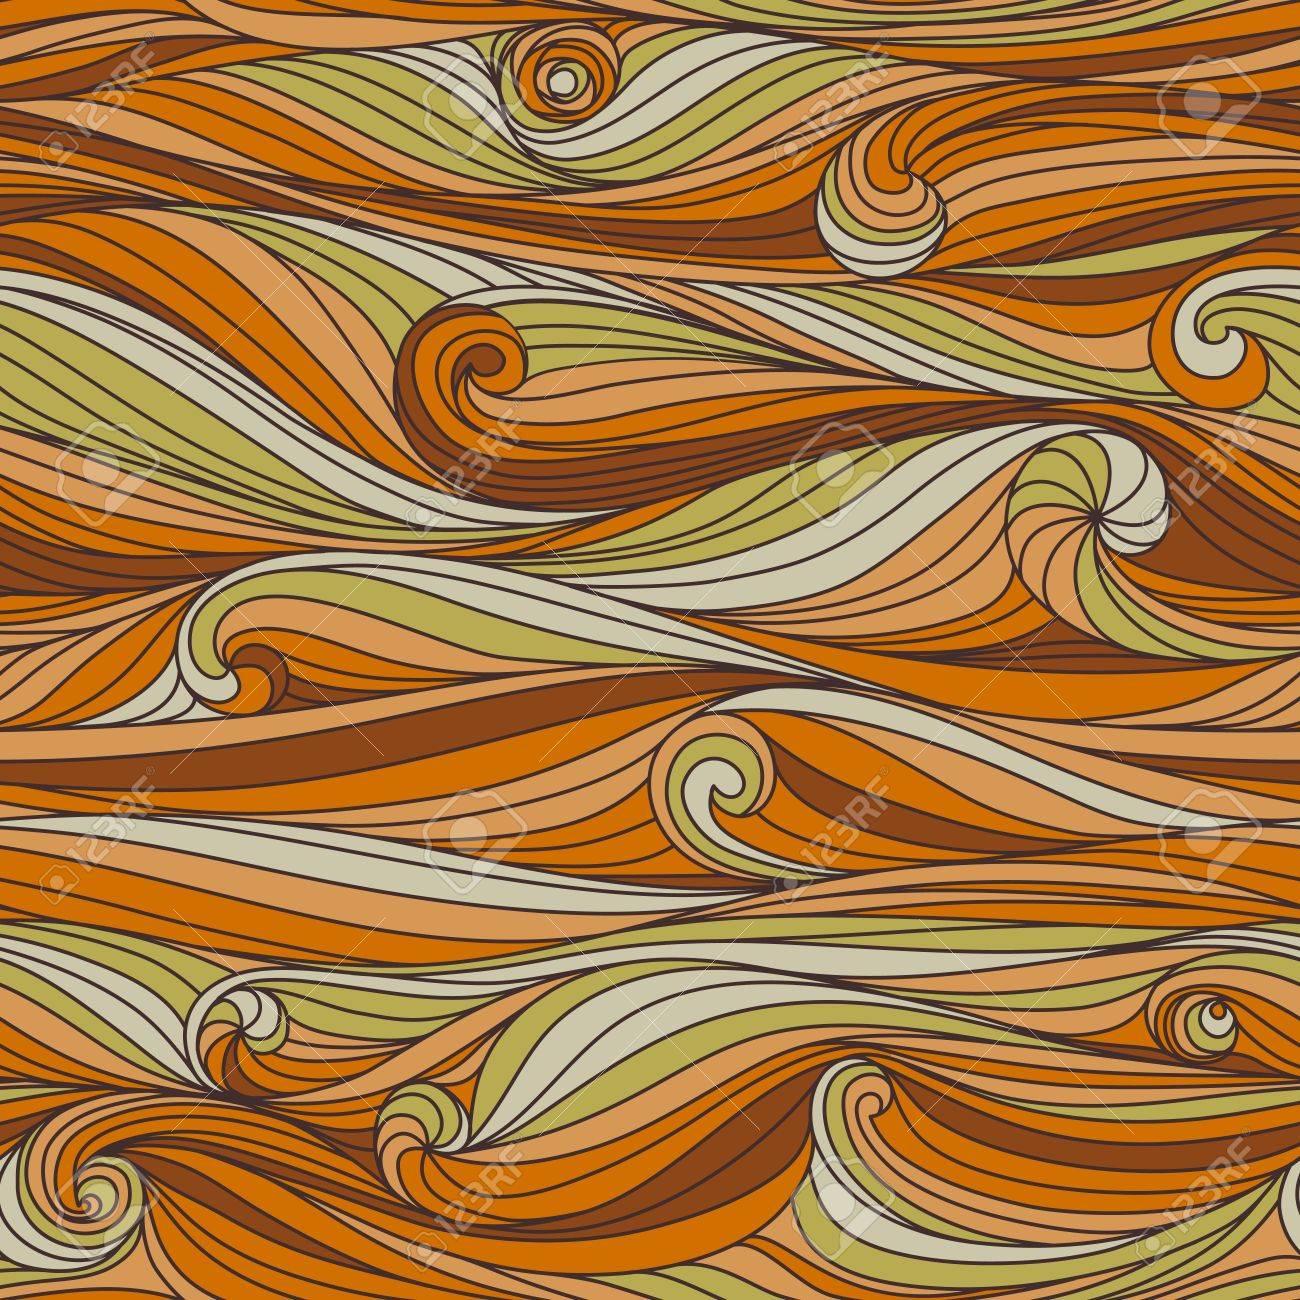 手描きシームレスな抽象的な波のパターン 壁紙 パターンの塗りつぶし